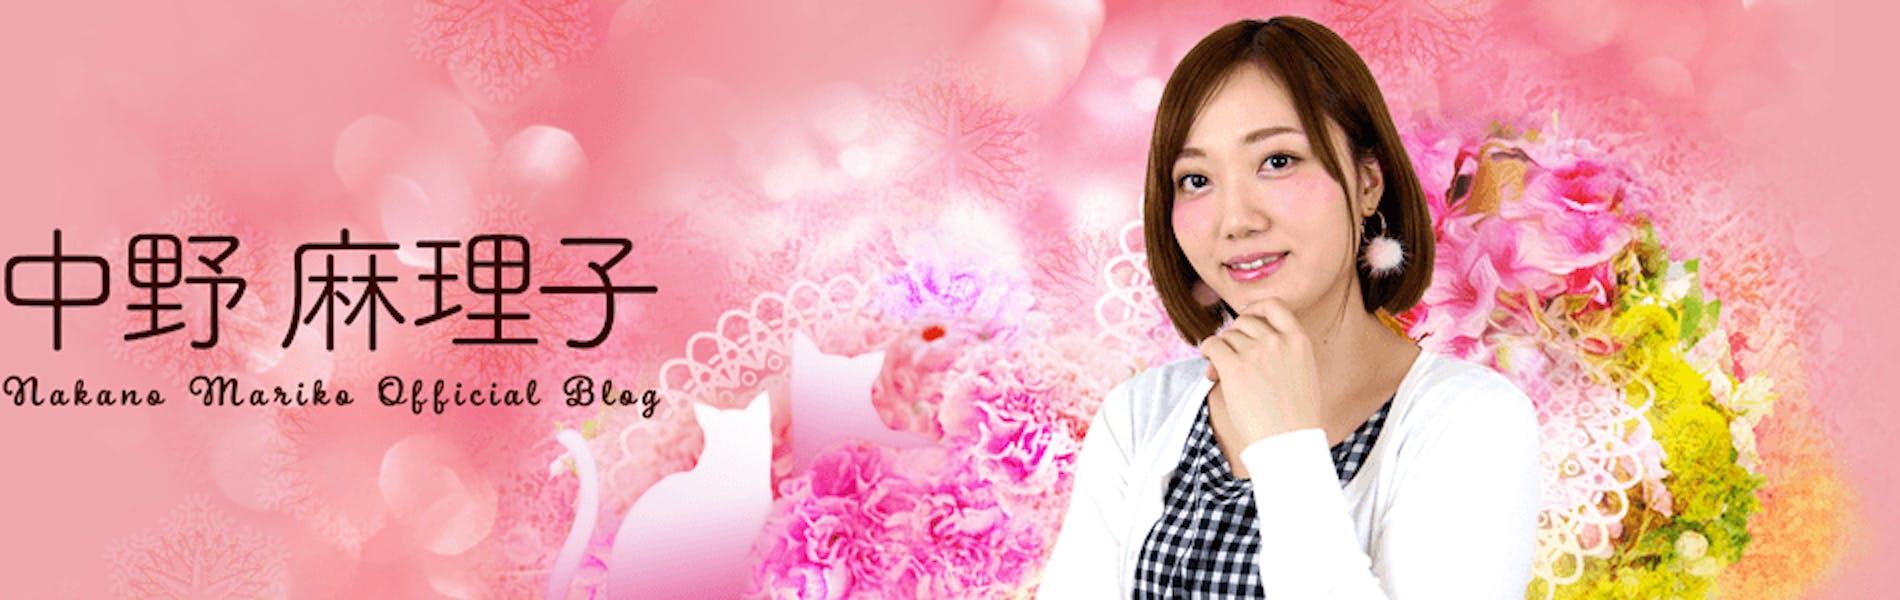 中野麻理子 オフィシャルブログ